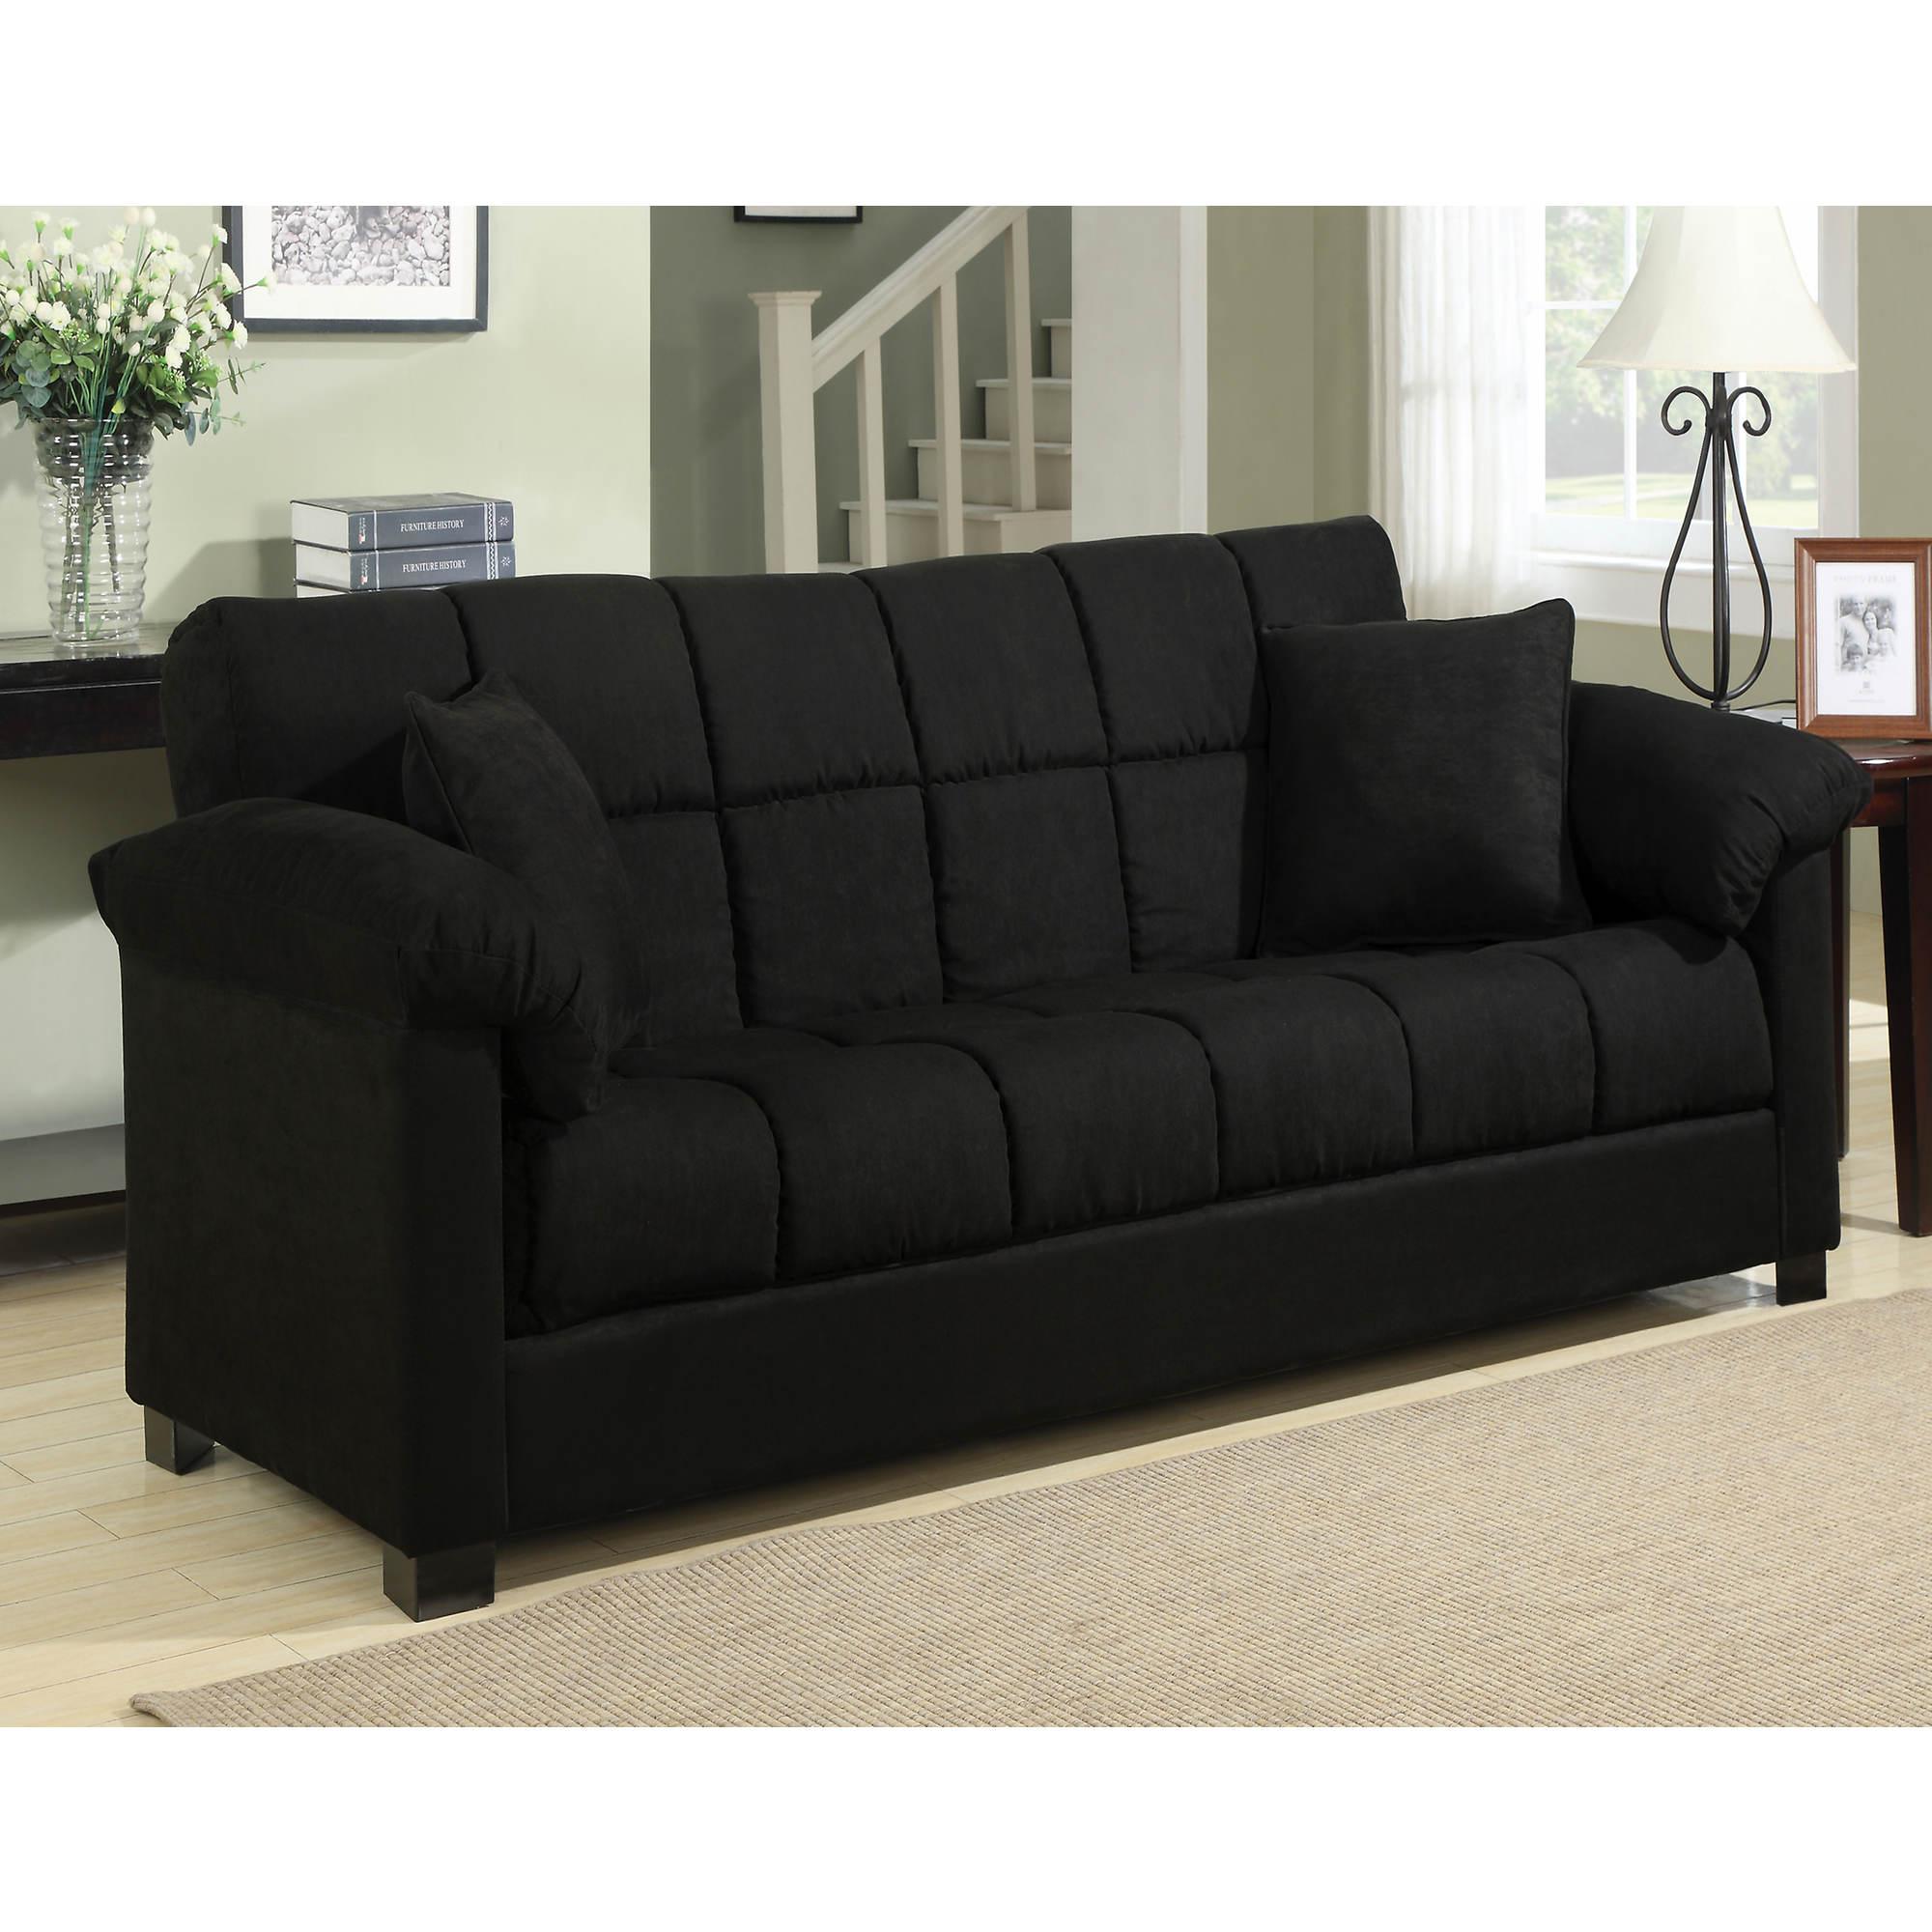 Black Leather Full Size Sleeper Sofa Hereo Sofa